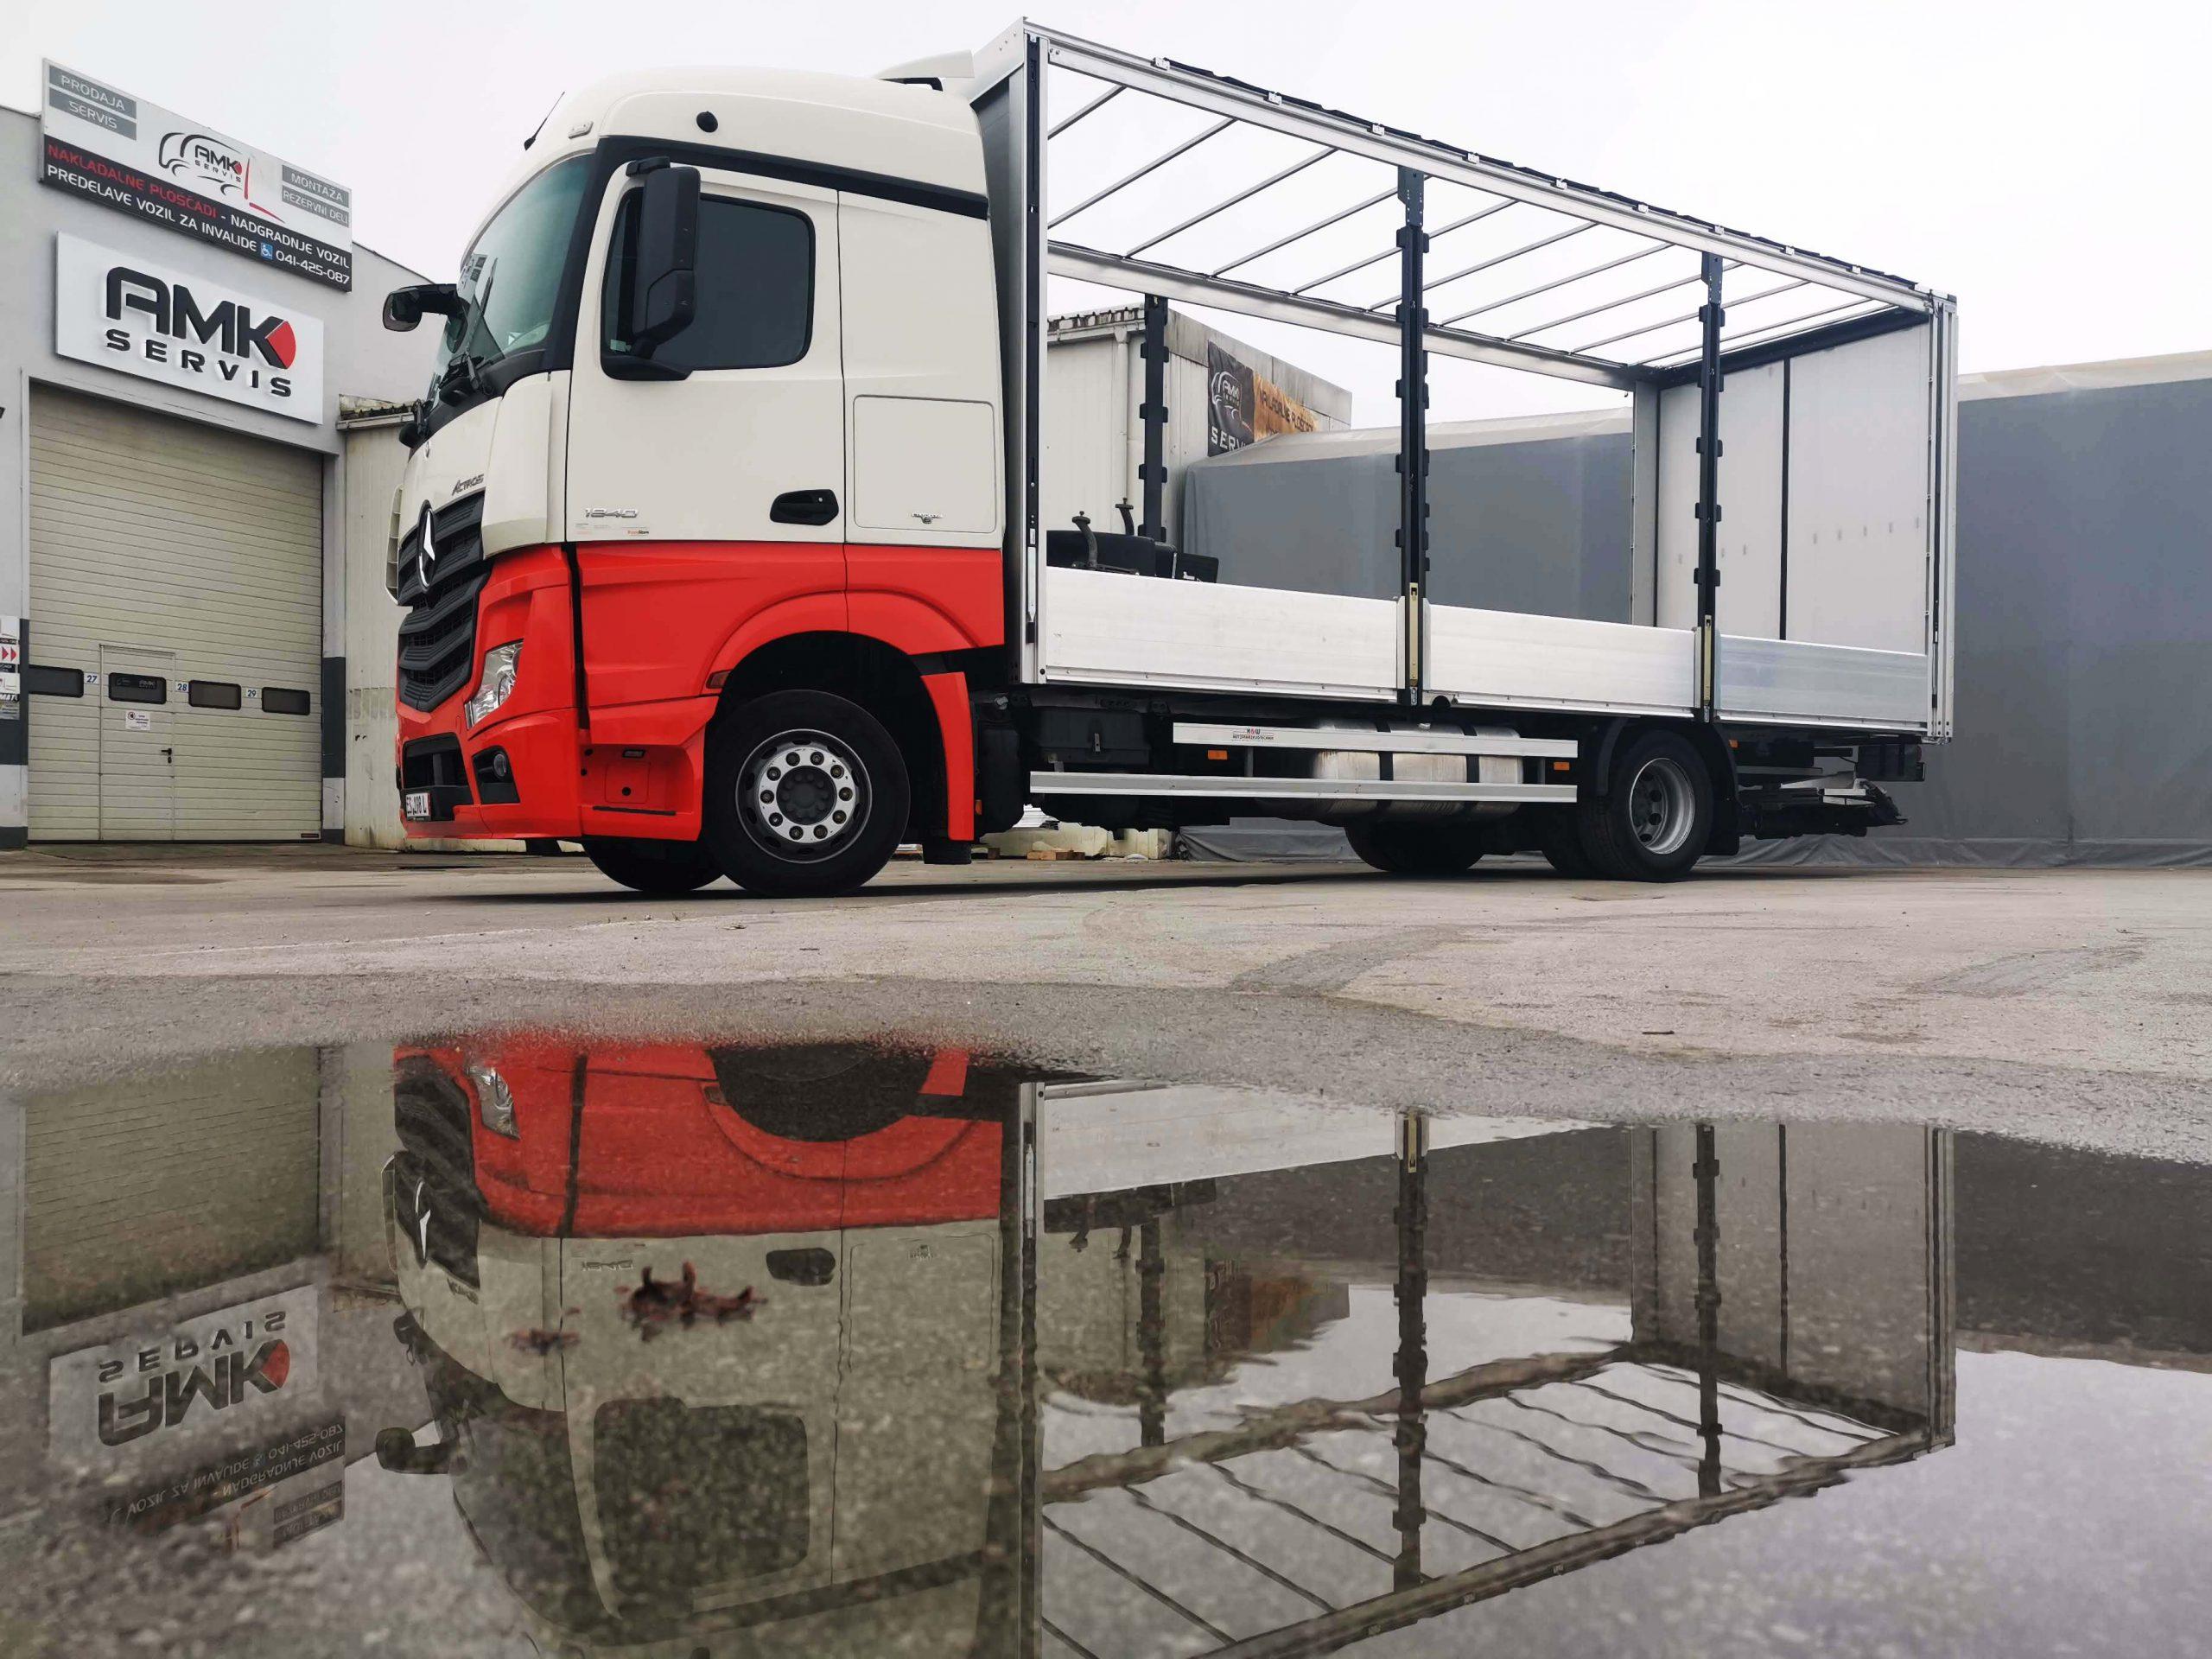 Vrestro Amk nadgradnja za gospodarska vozila